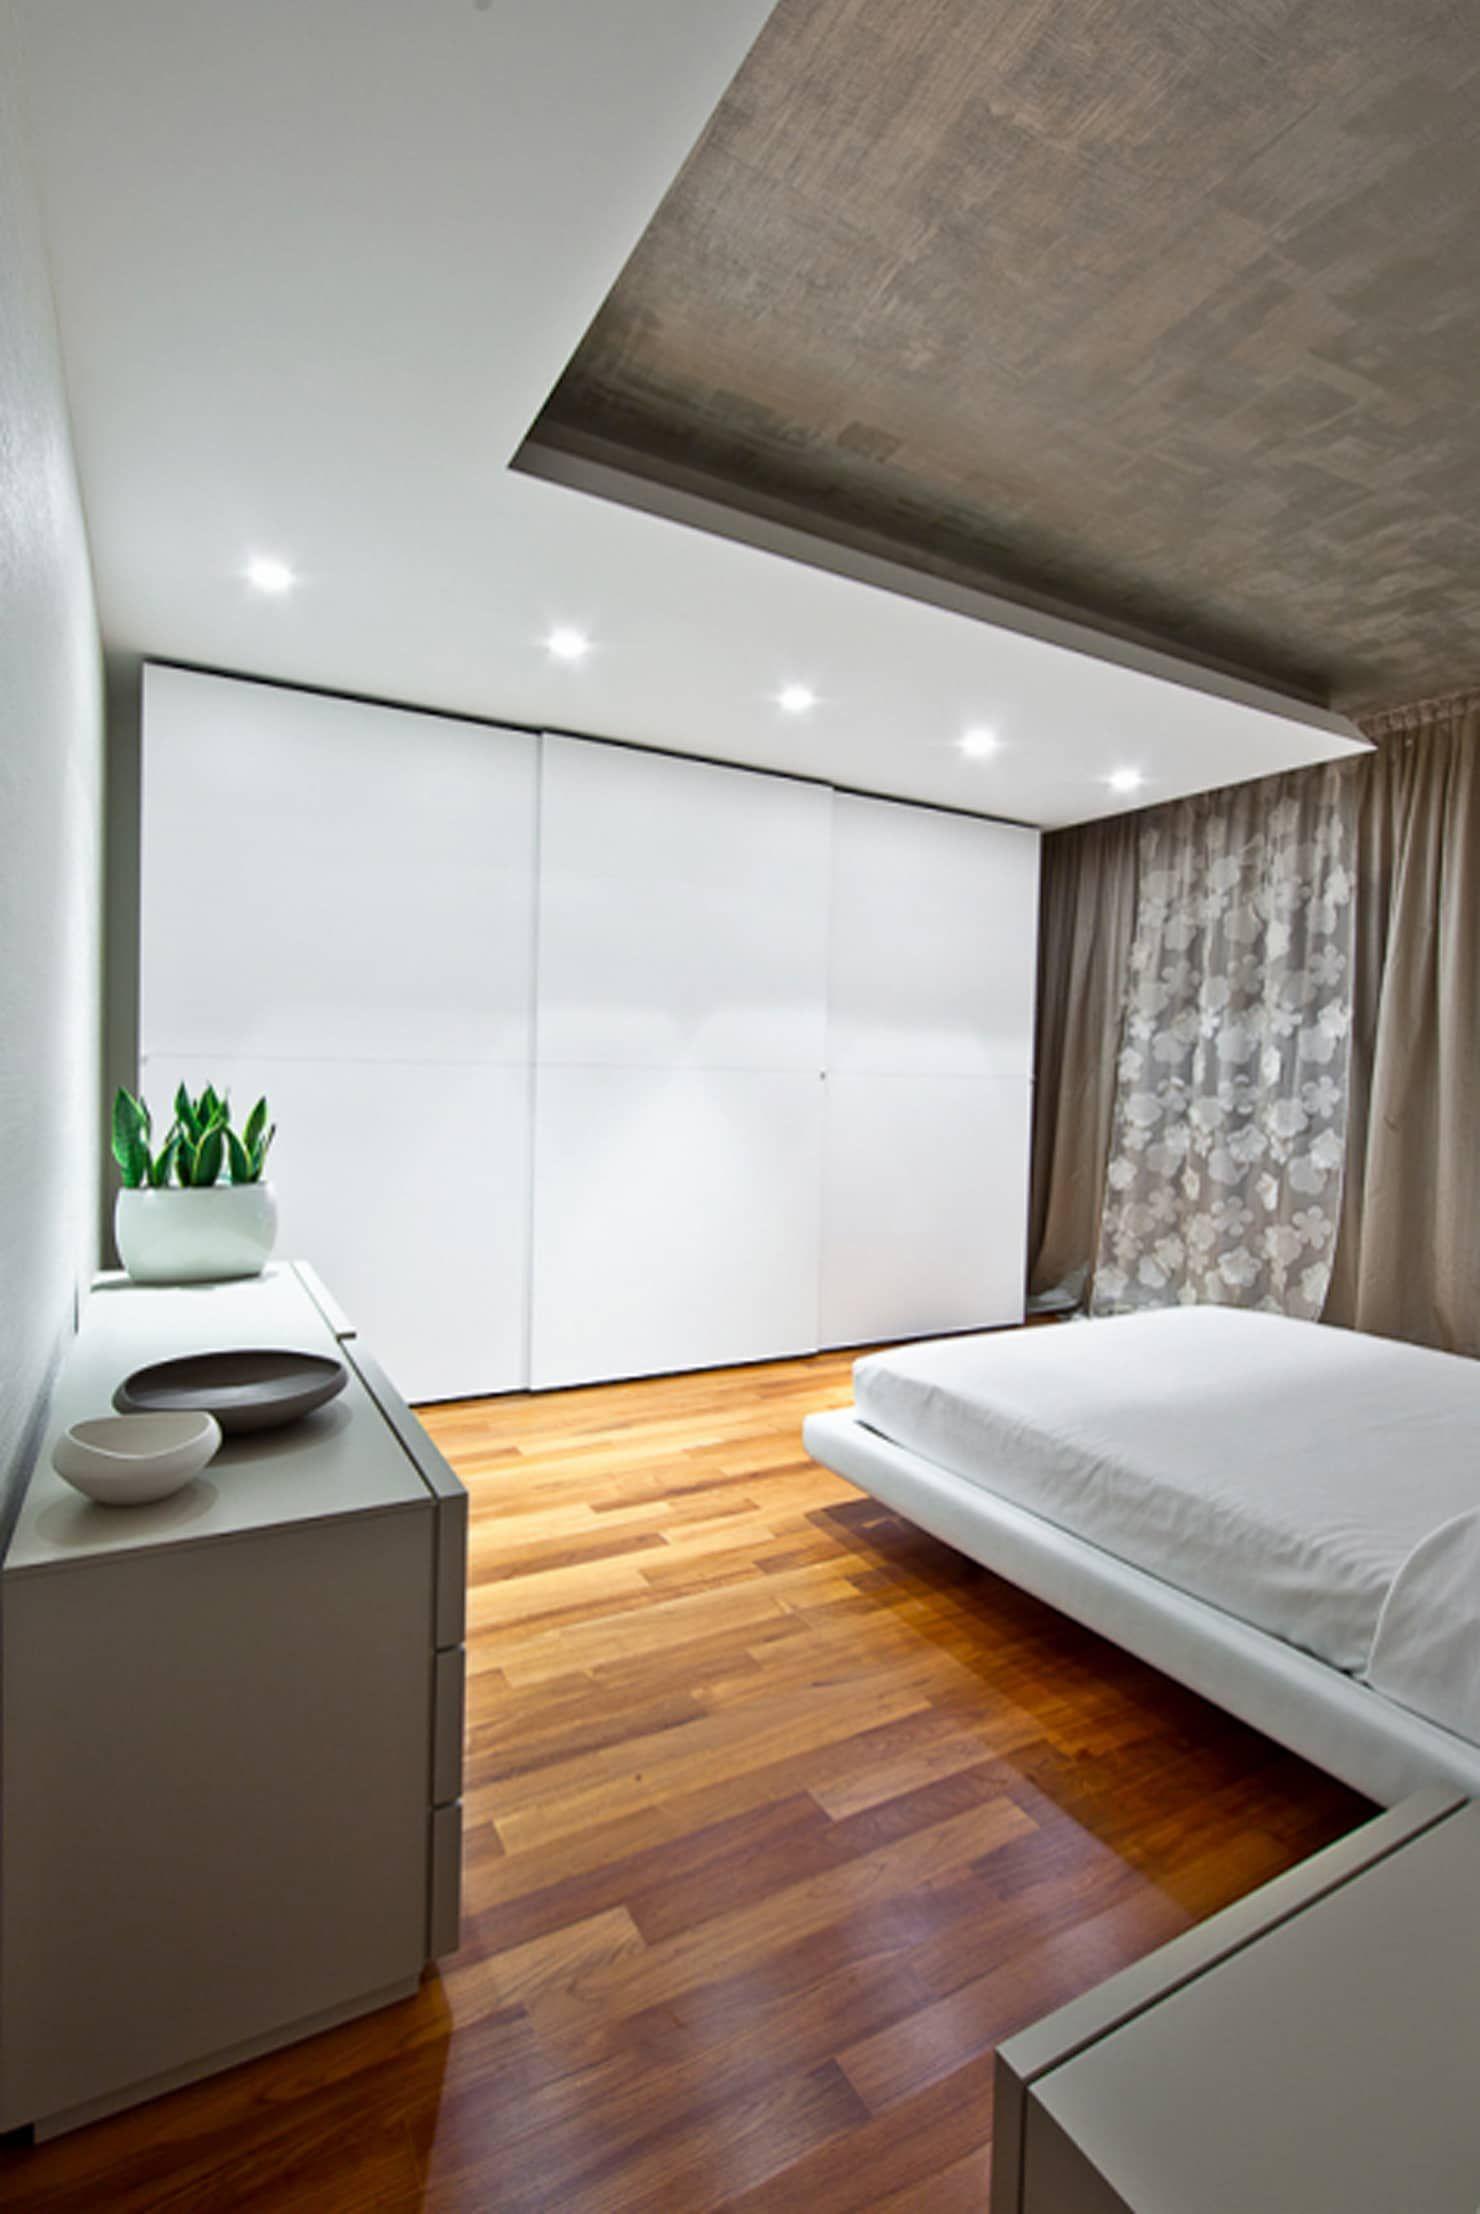 Camera da letto matrimoniale camera da letto moderna di ...